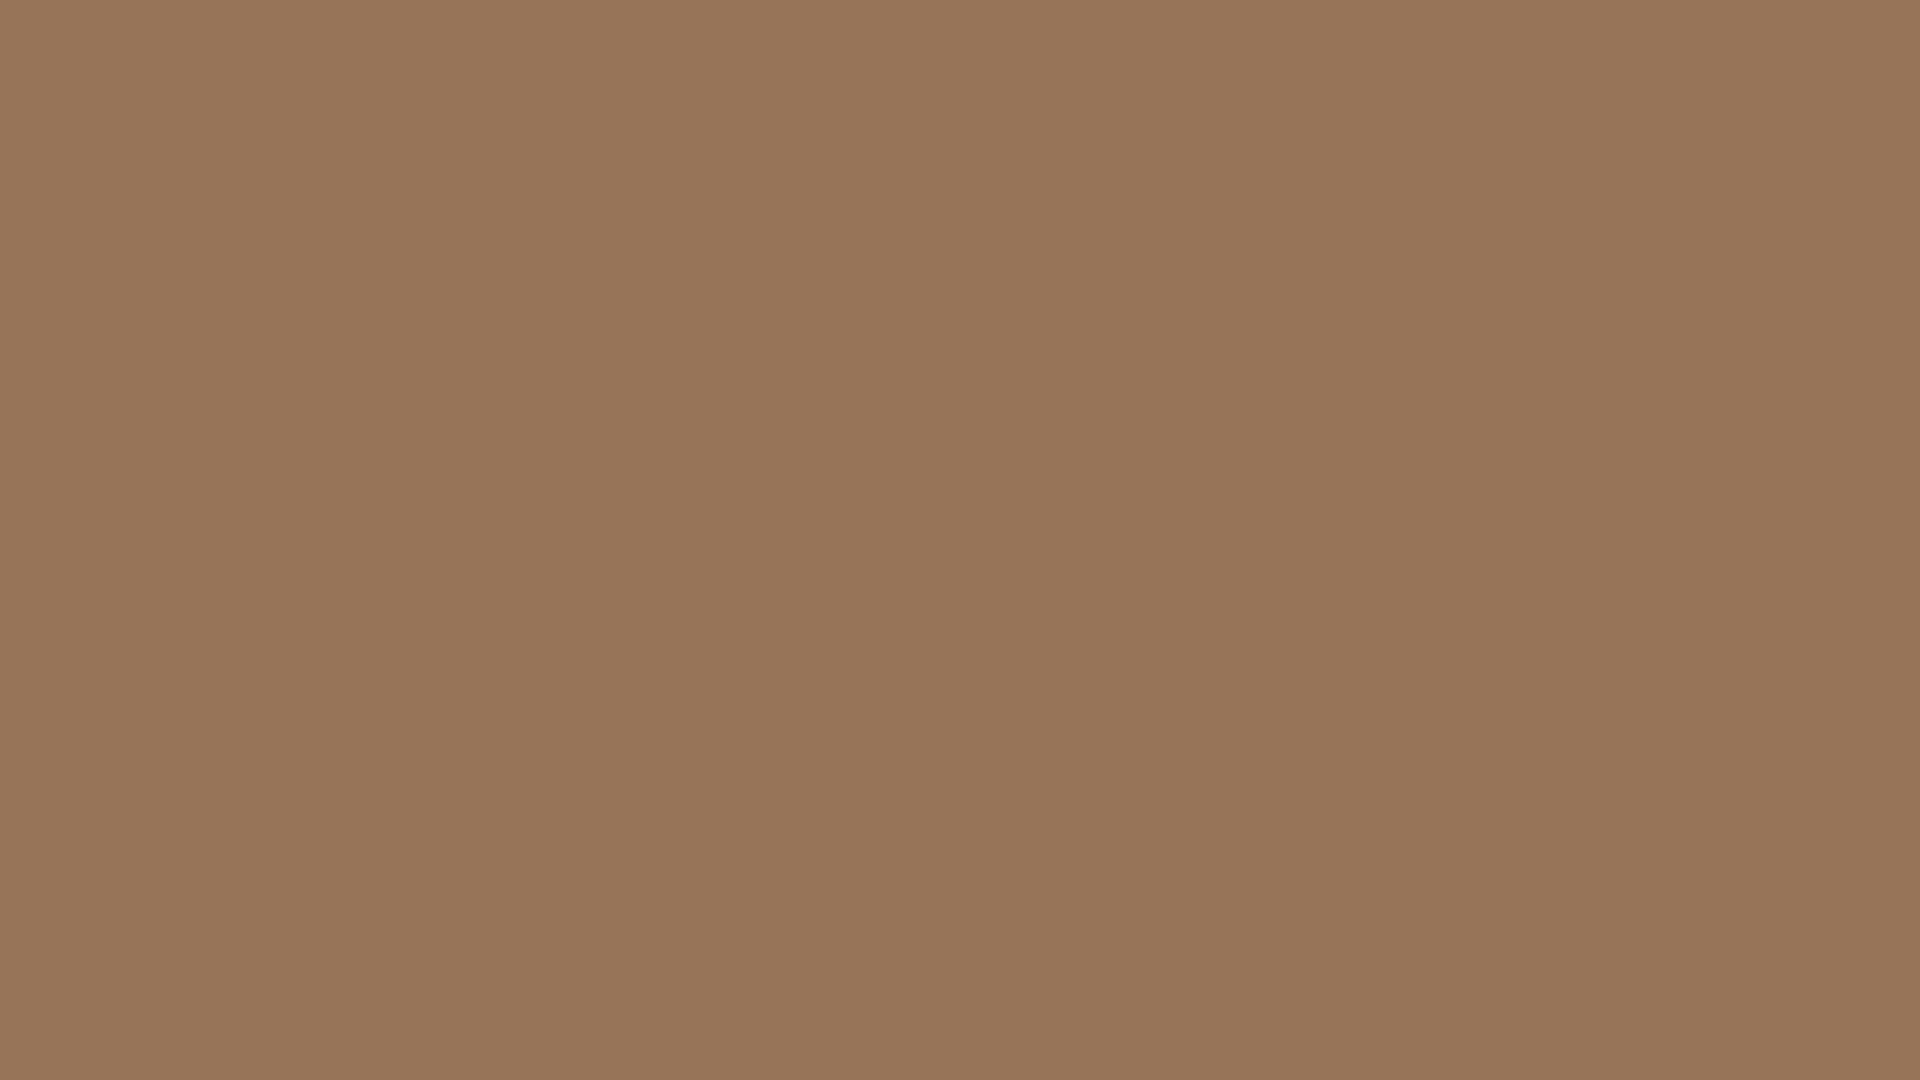 1920x1080 Liver Chestnut Solid Color Background